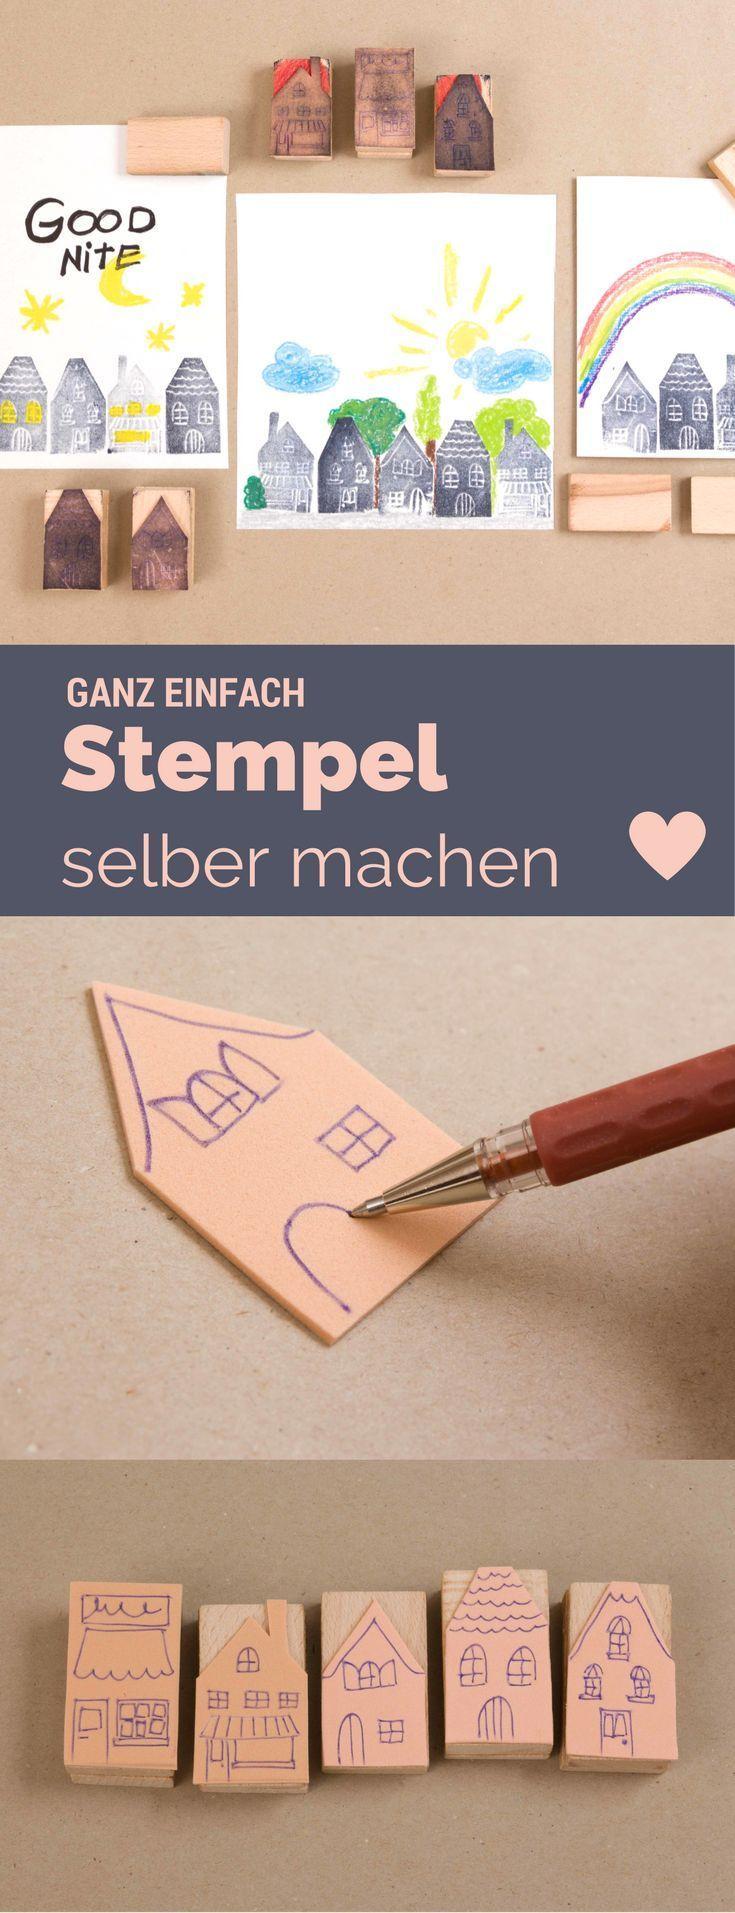 Stempel selber machen - einfach Vorlagen anfertigen mit einem Kugelschreiber und Moosgummi. Kinderleicht und sehr günstig - auch gut als Bastelidee für Kindergeburtstage!